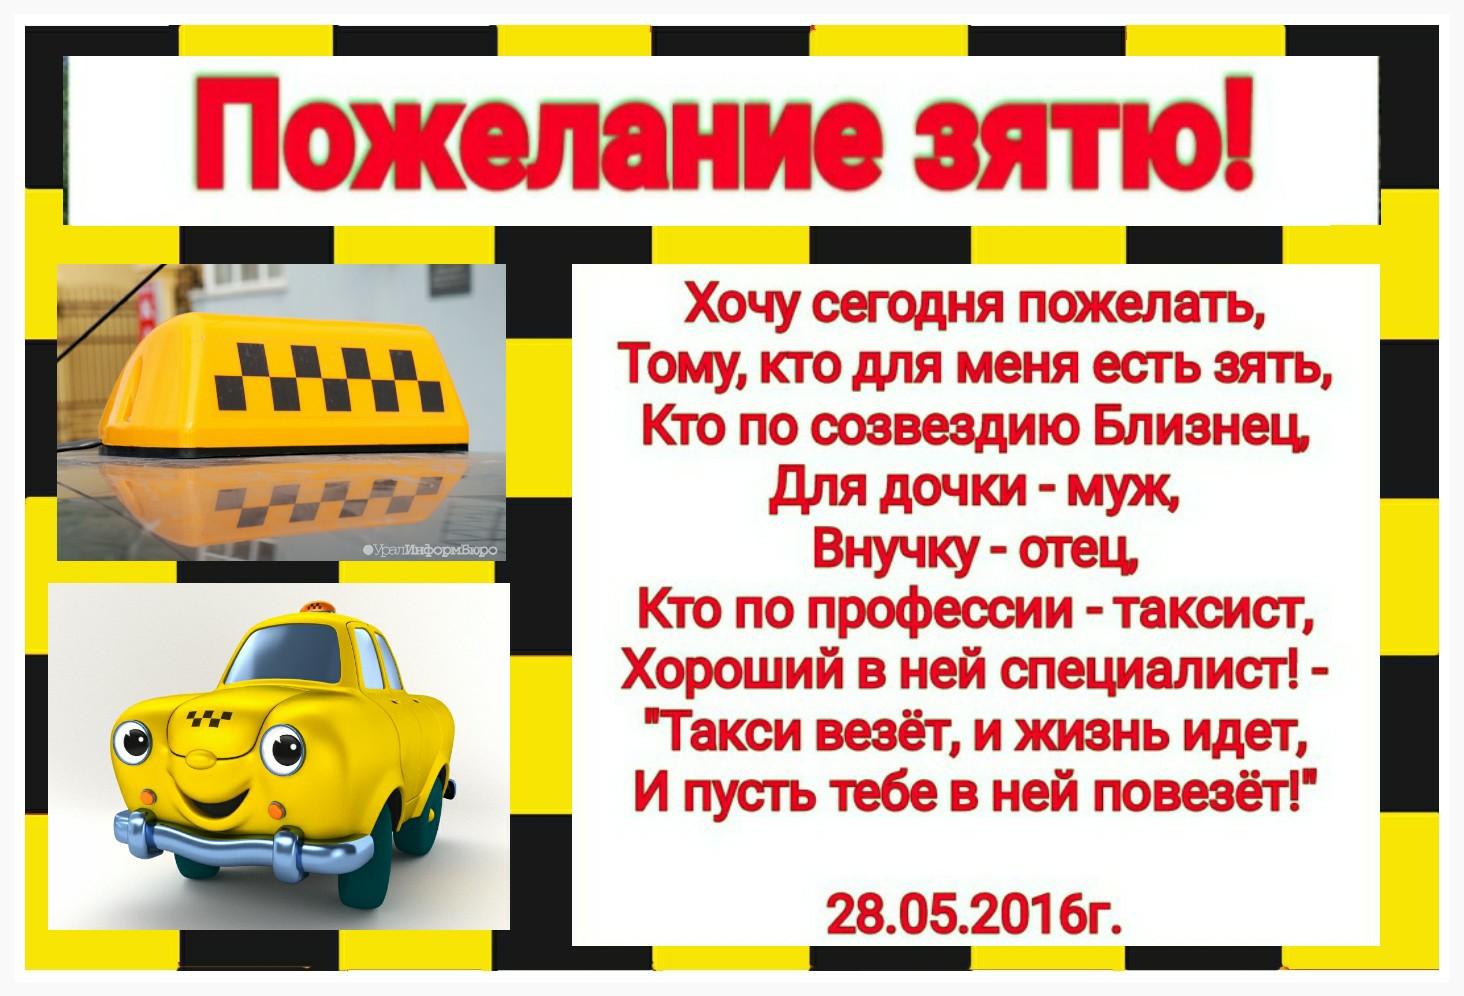 Поздравления таксисту 31